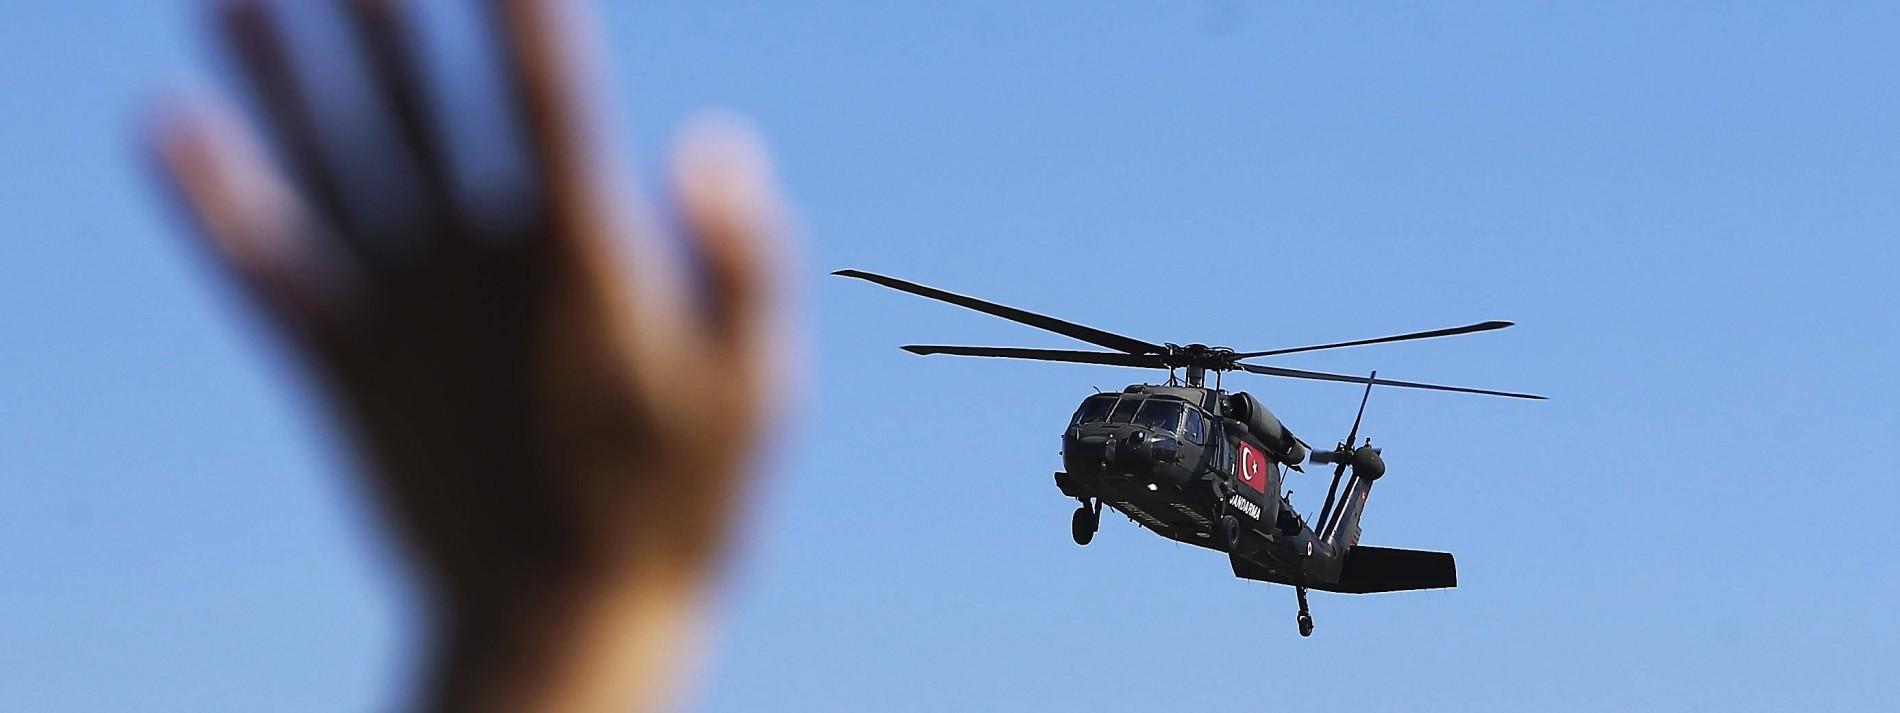 Helikopter: Kimini ölüme, kimini balayına götürüyor